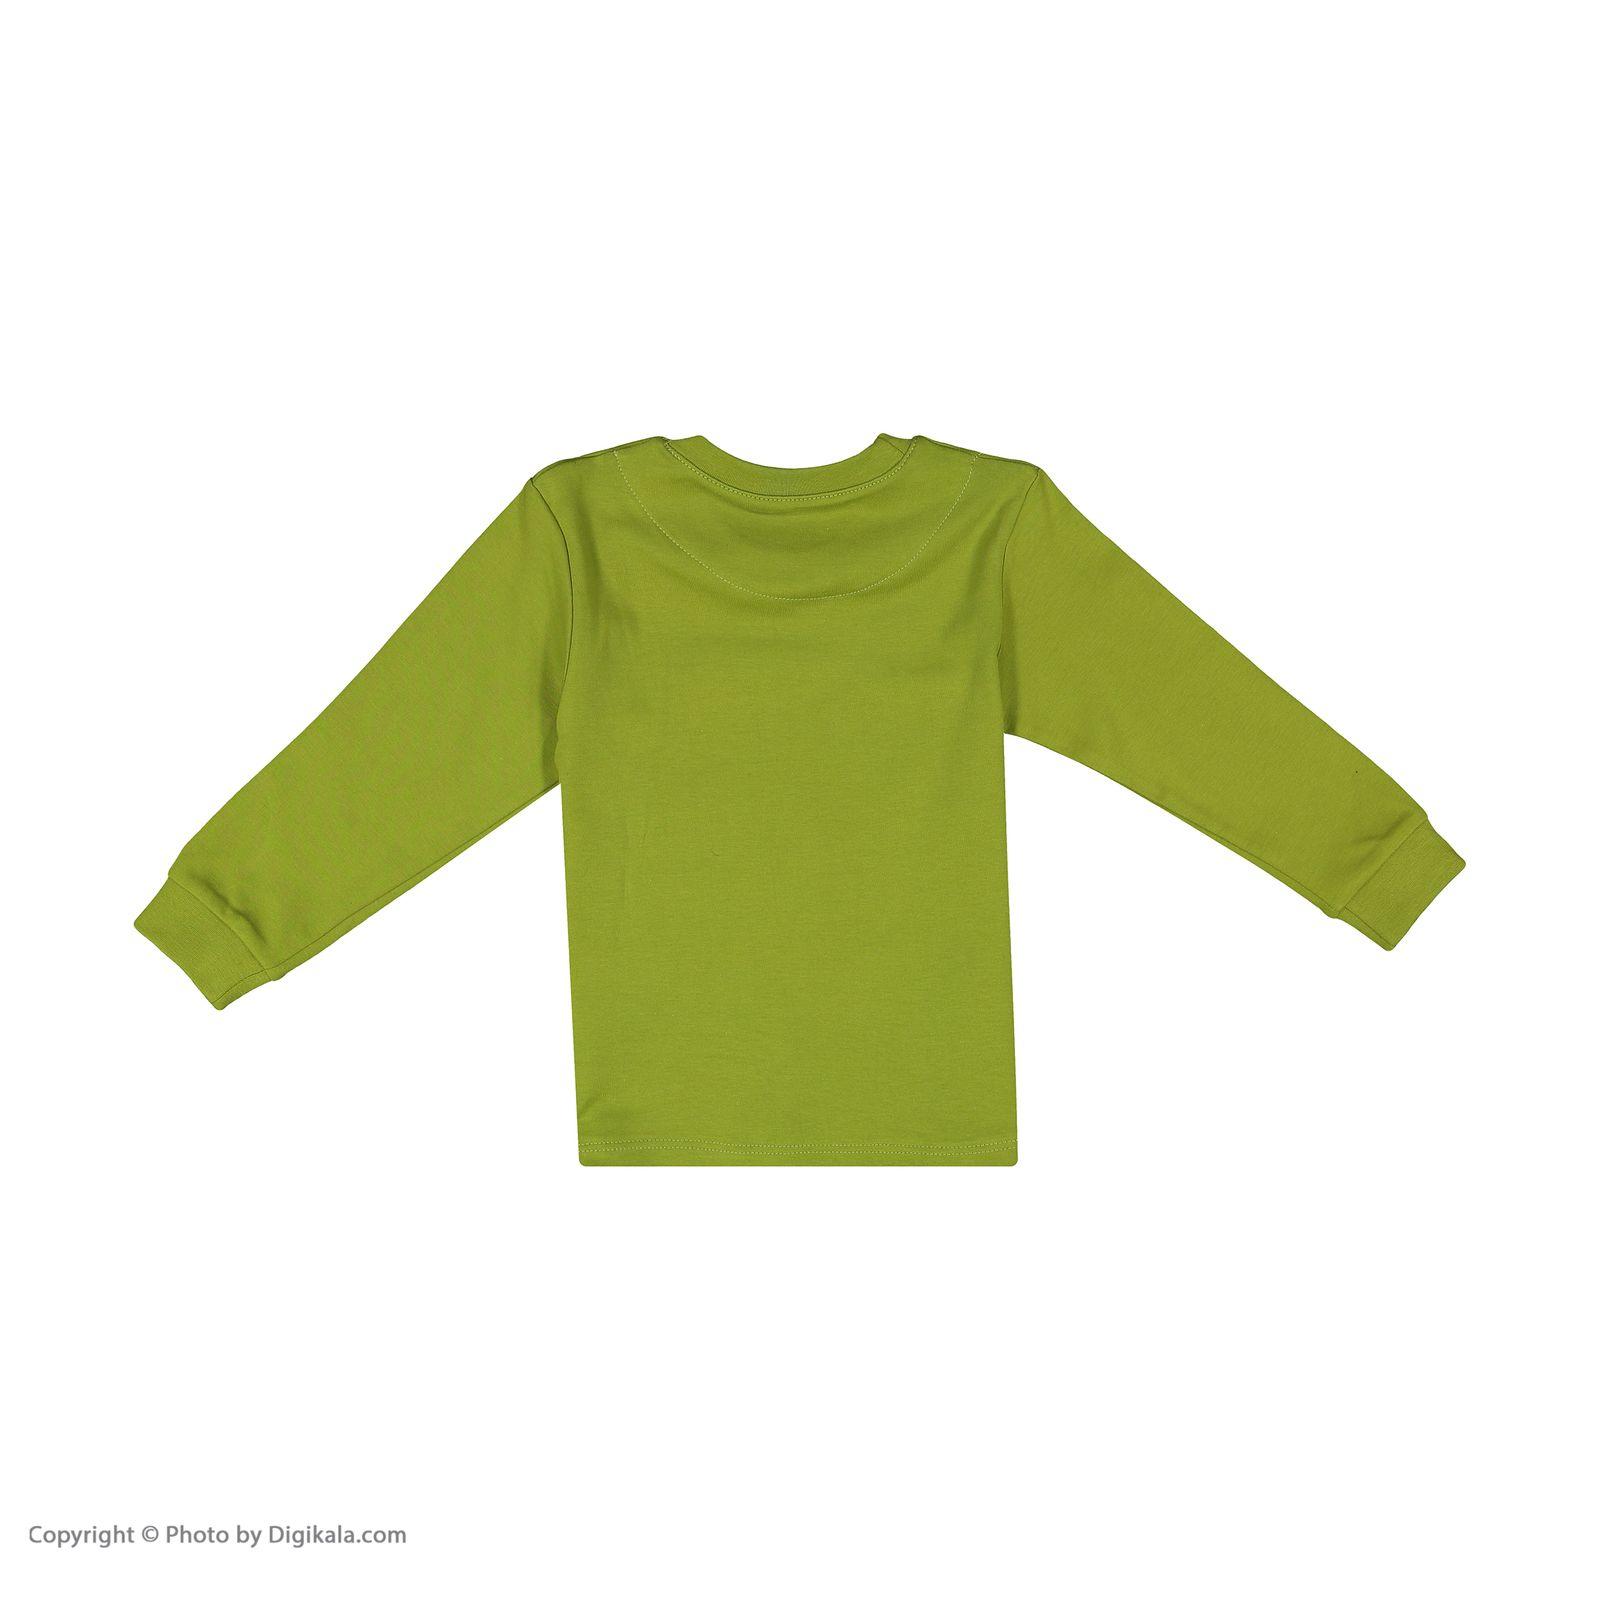 ست تی شرت و شلوار پسرانه مادر مدل 318-42 main 1 3